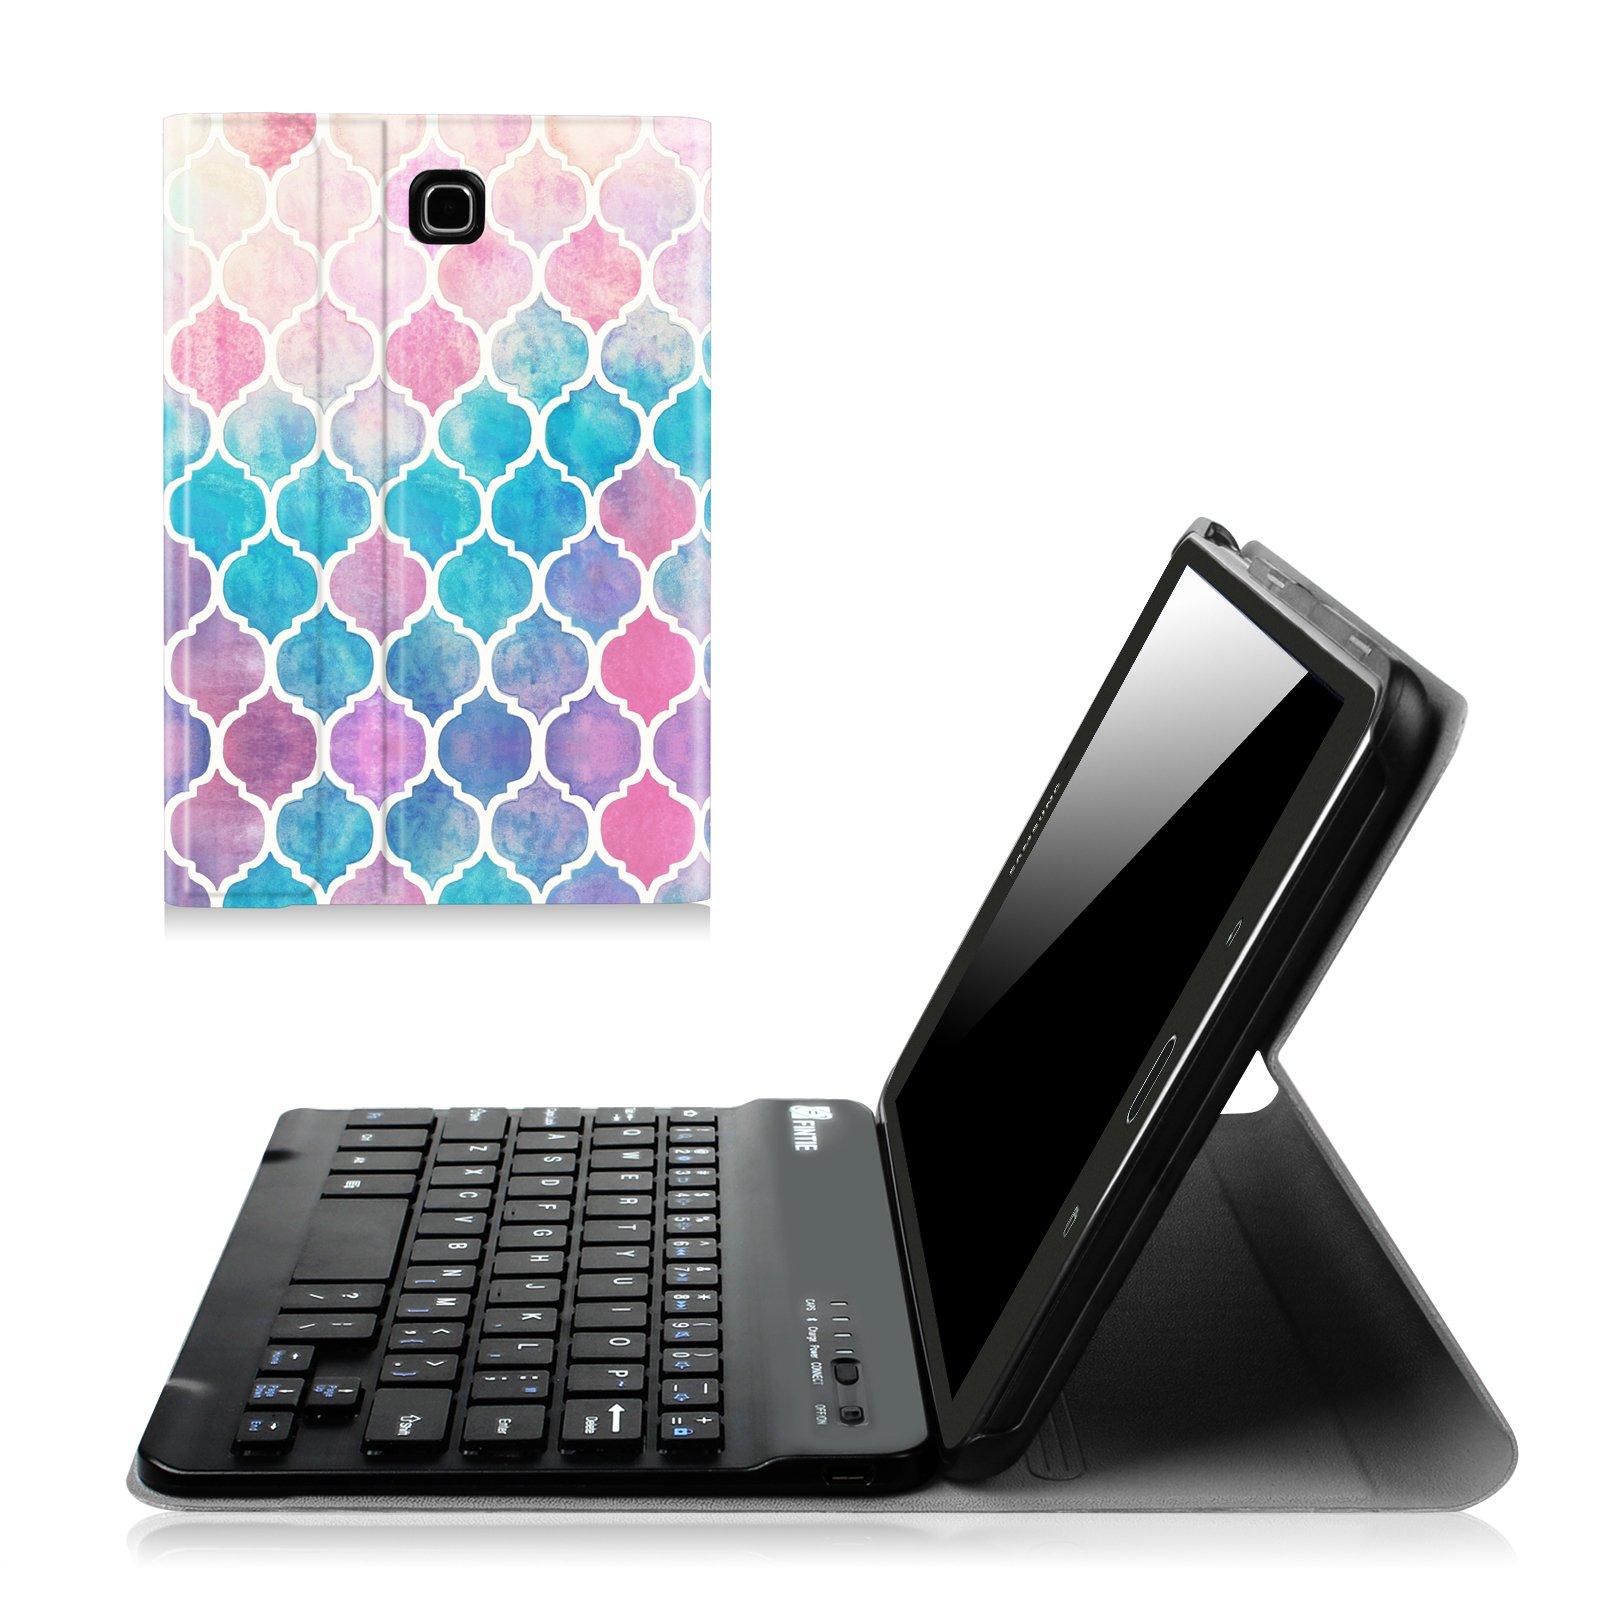 Funda + Teclado Galaxy Tab E 8.0 FINTIE [6XK83DVL]